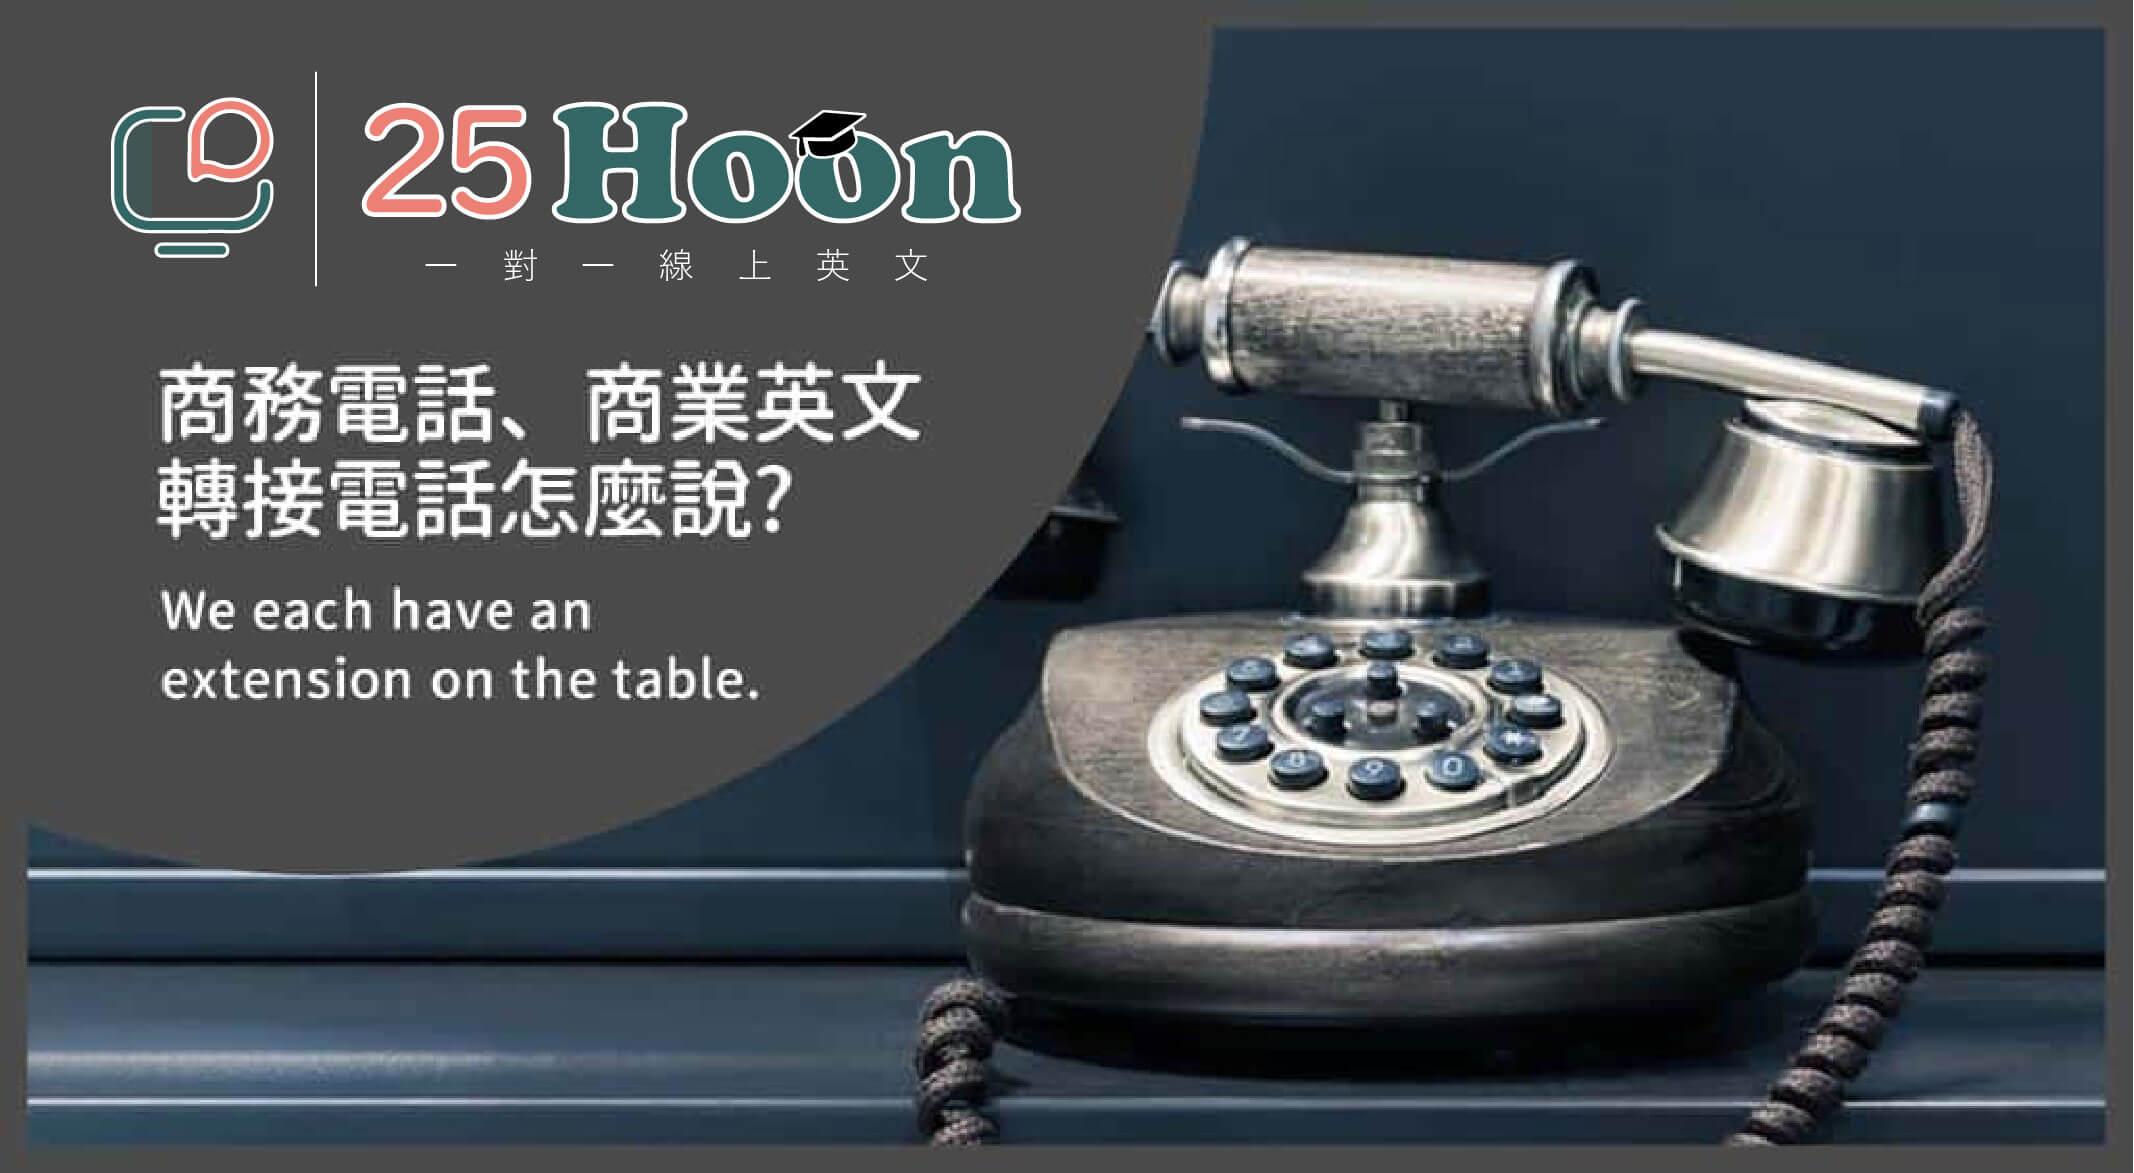 【 分機英文 】 轉接電話英文一起學起來 - 25Hoon 線上英文